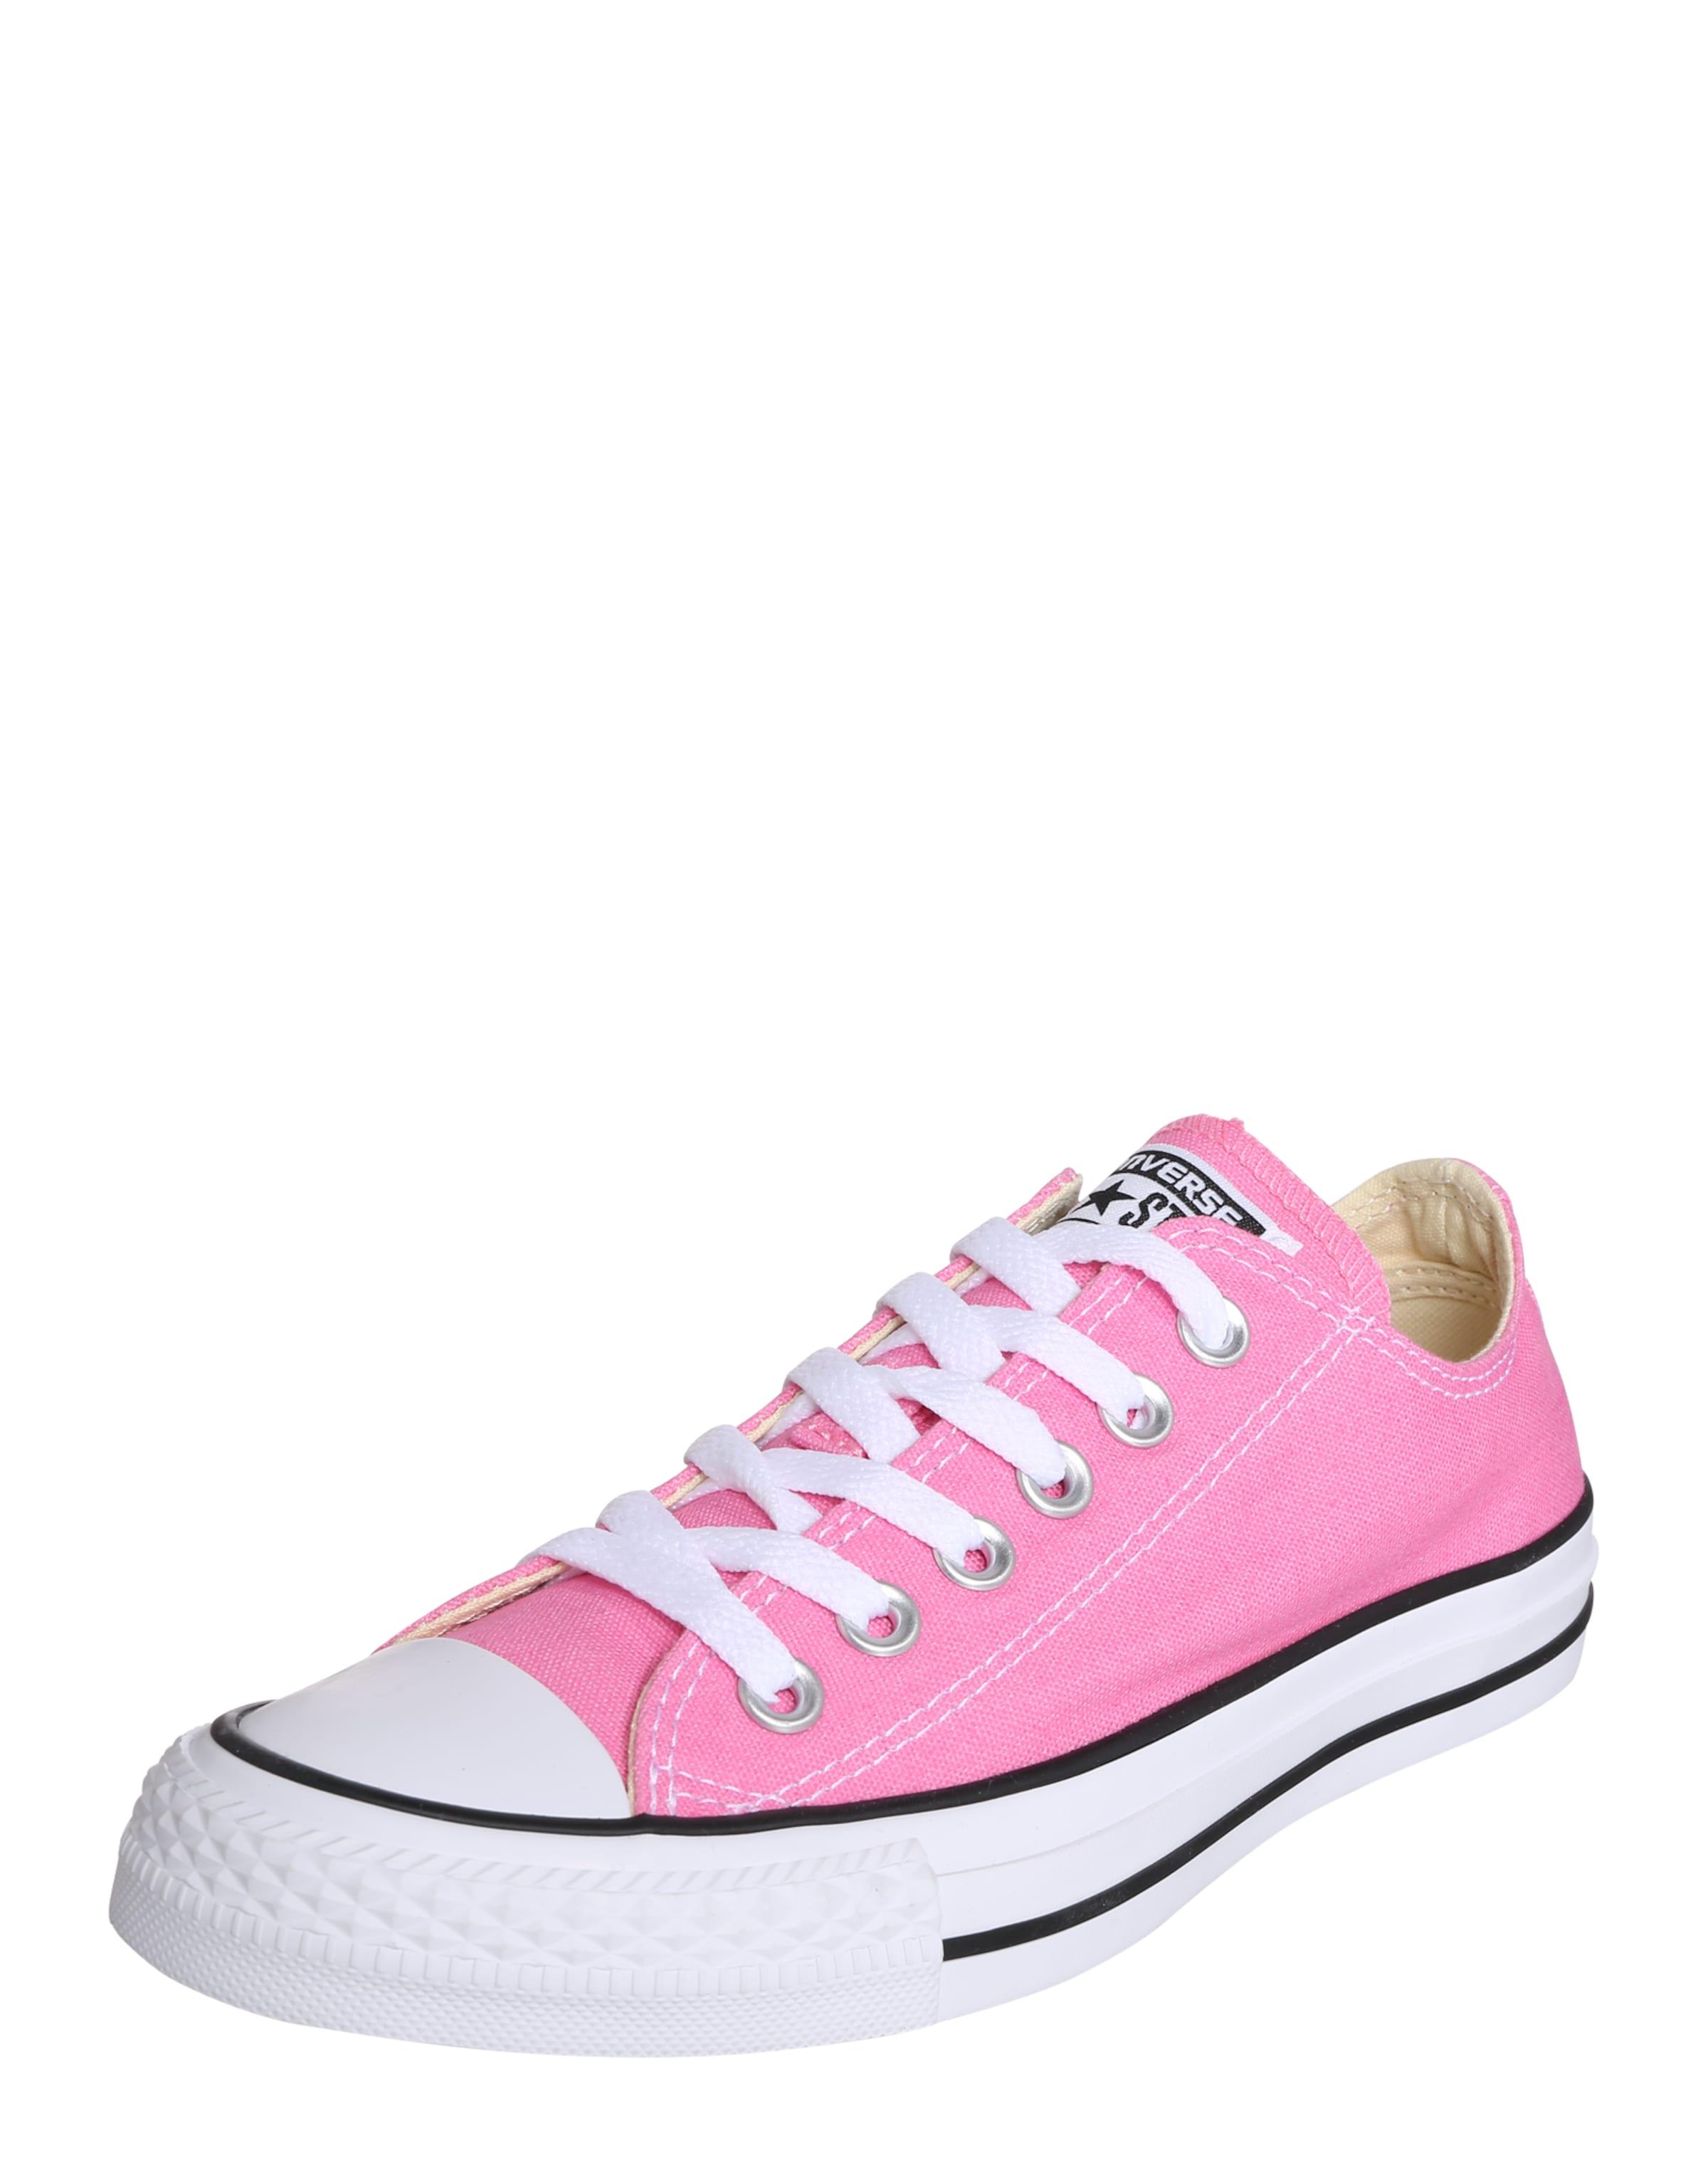 CONVERSE Sneaker Verschleißfeste billige Schuhe Hohe Qualität